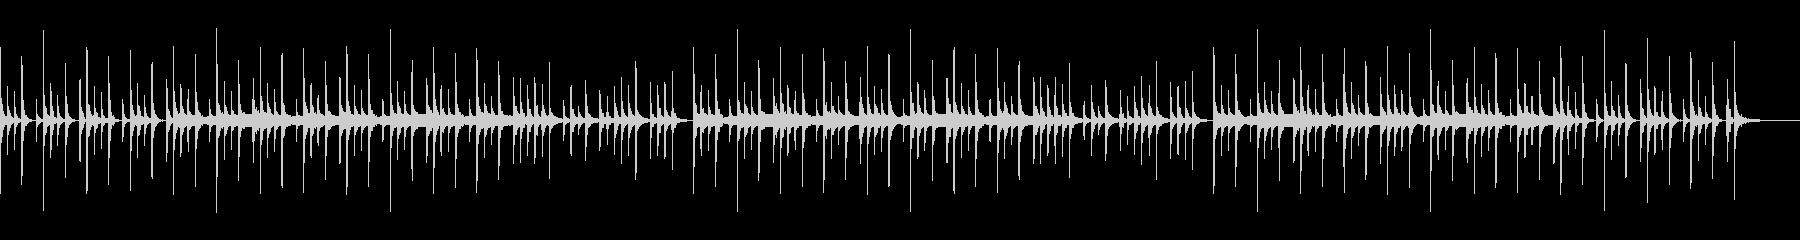 ペット・ひなたぼっこ・ほのぼの・カリンバの未再生の波形